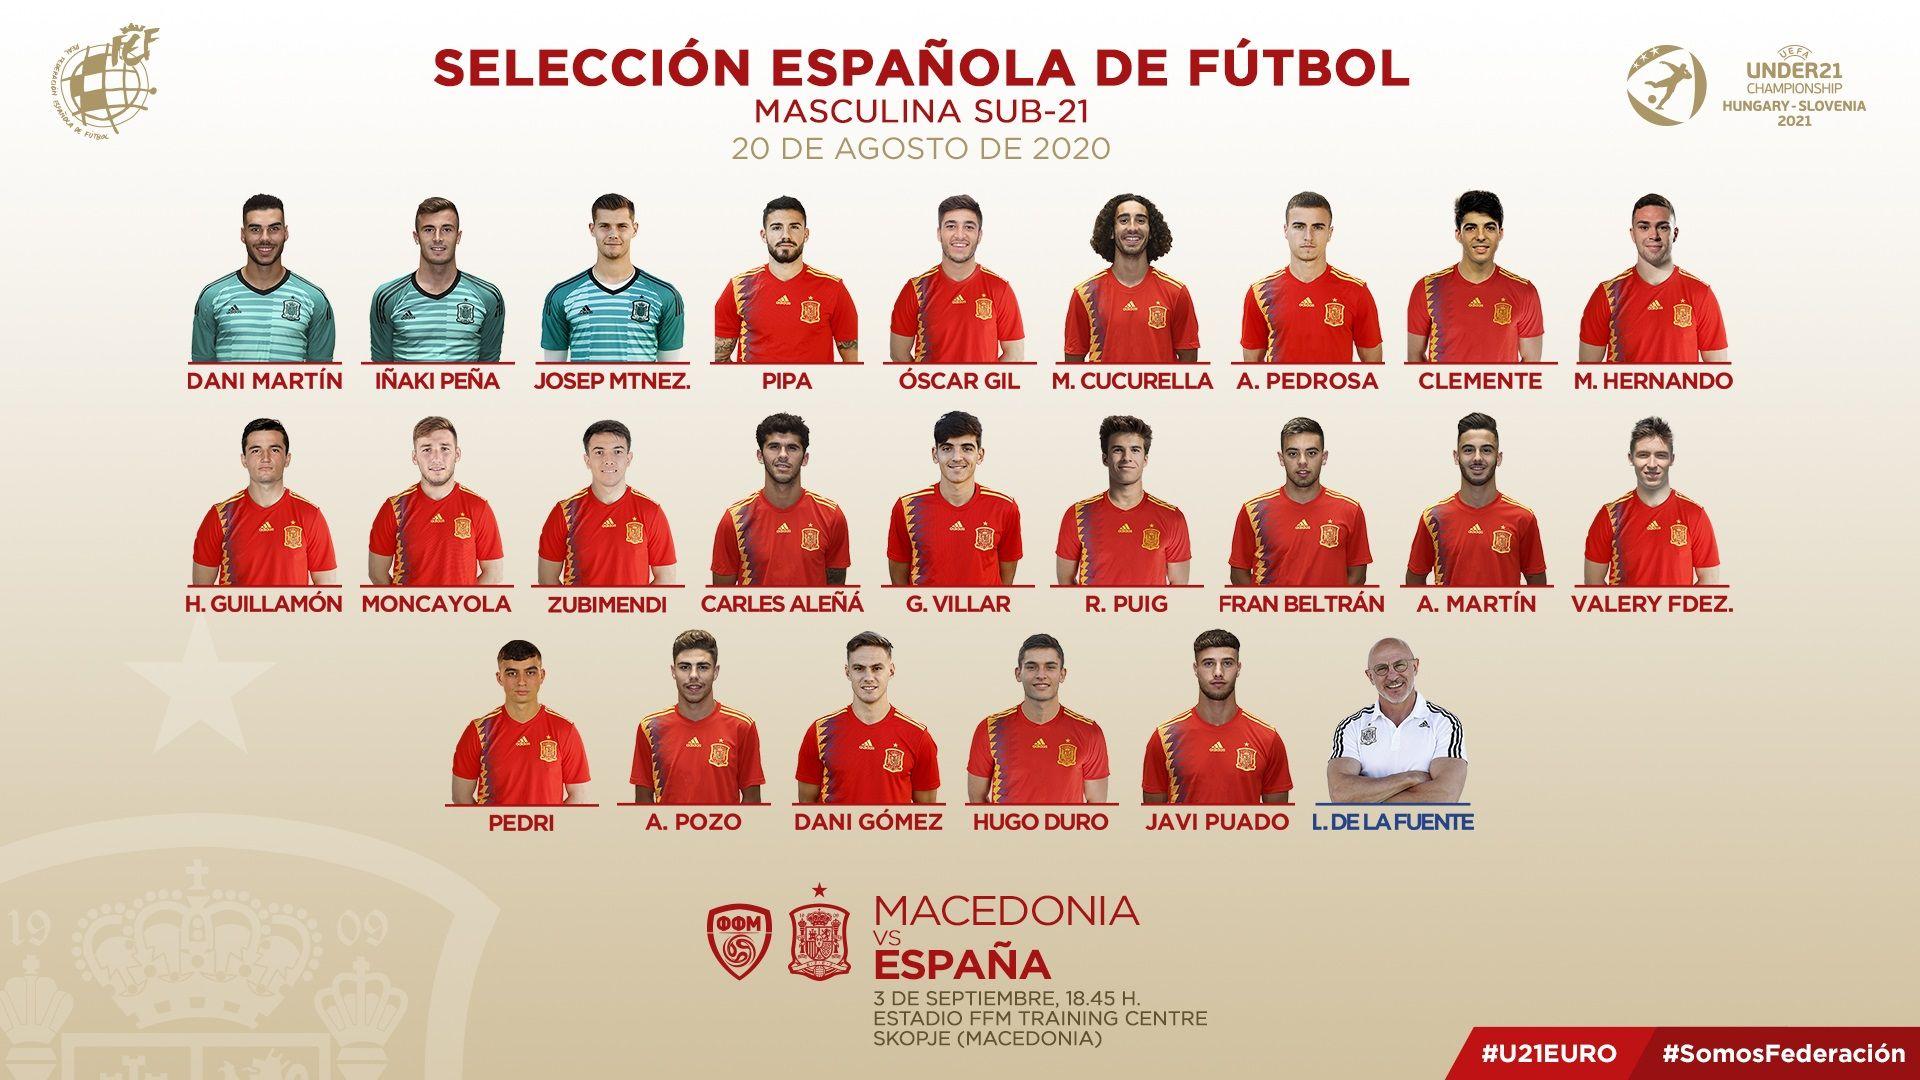 Convocatoria de la Selección Española sub-21